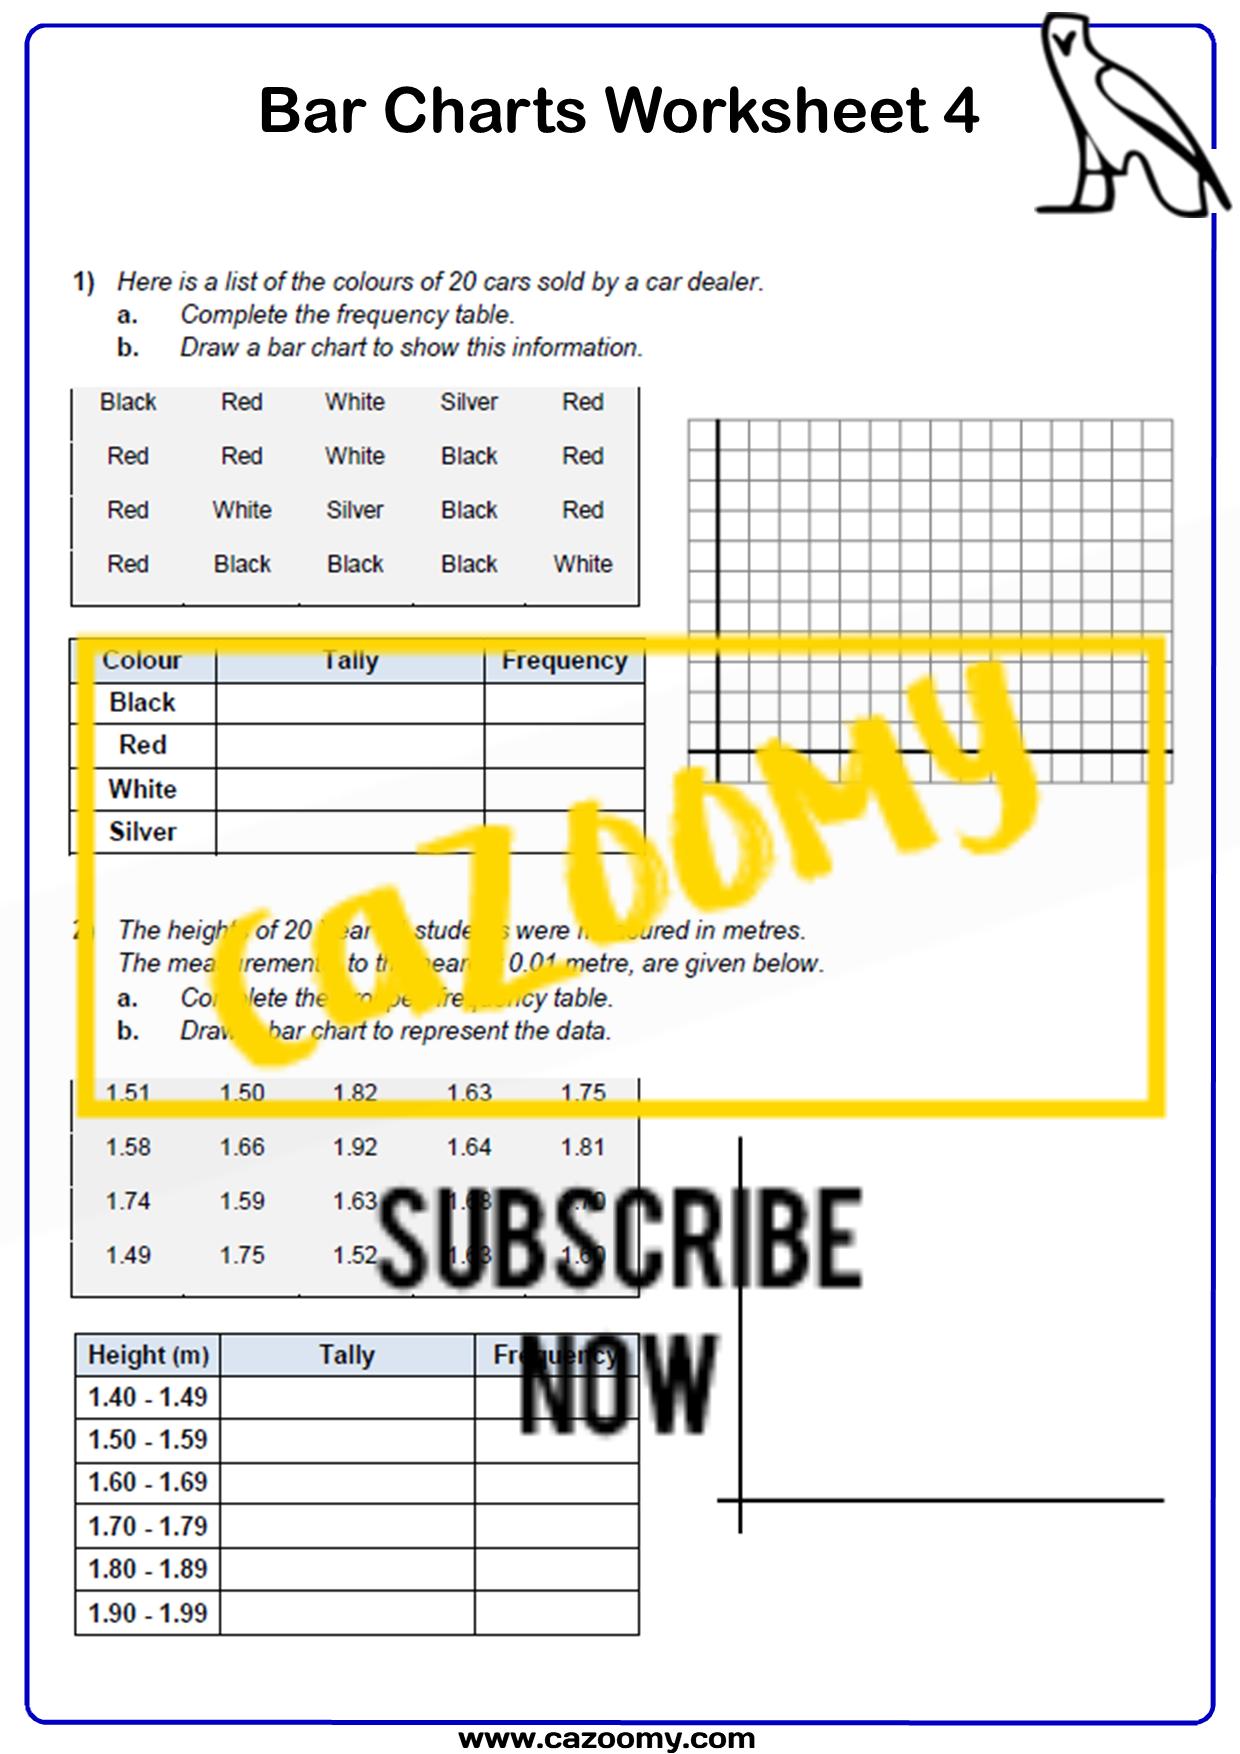 Bar Charts Worksheet 4